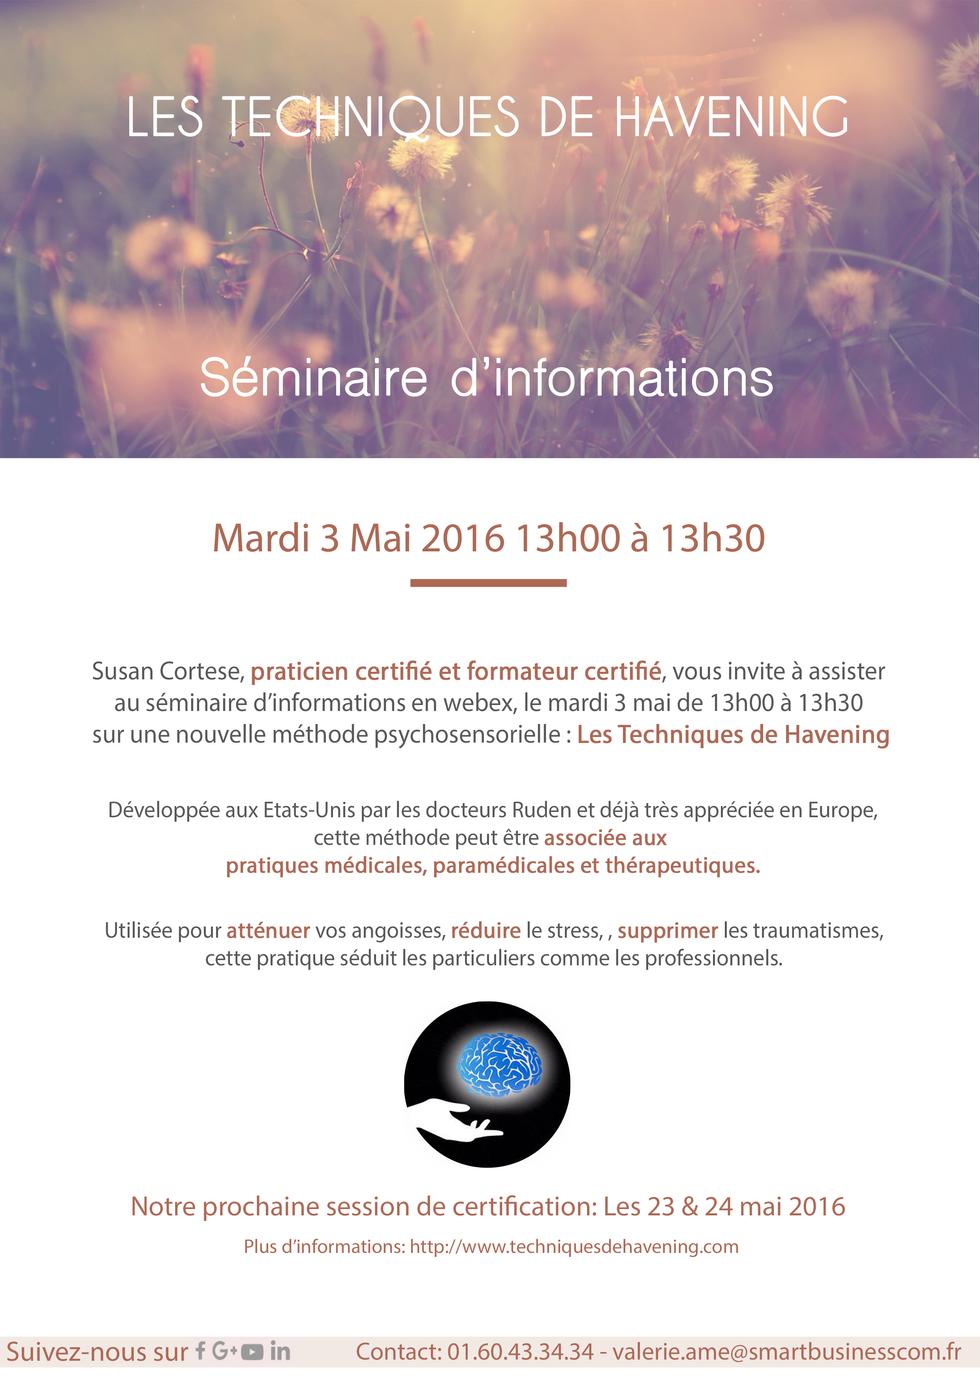 Une nouvelle Méthode Thérapeutique: Rendez le Mardi 3 Mai!